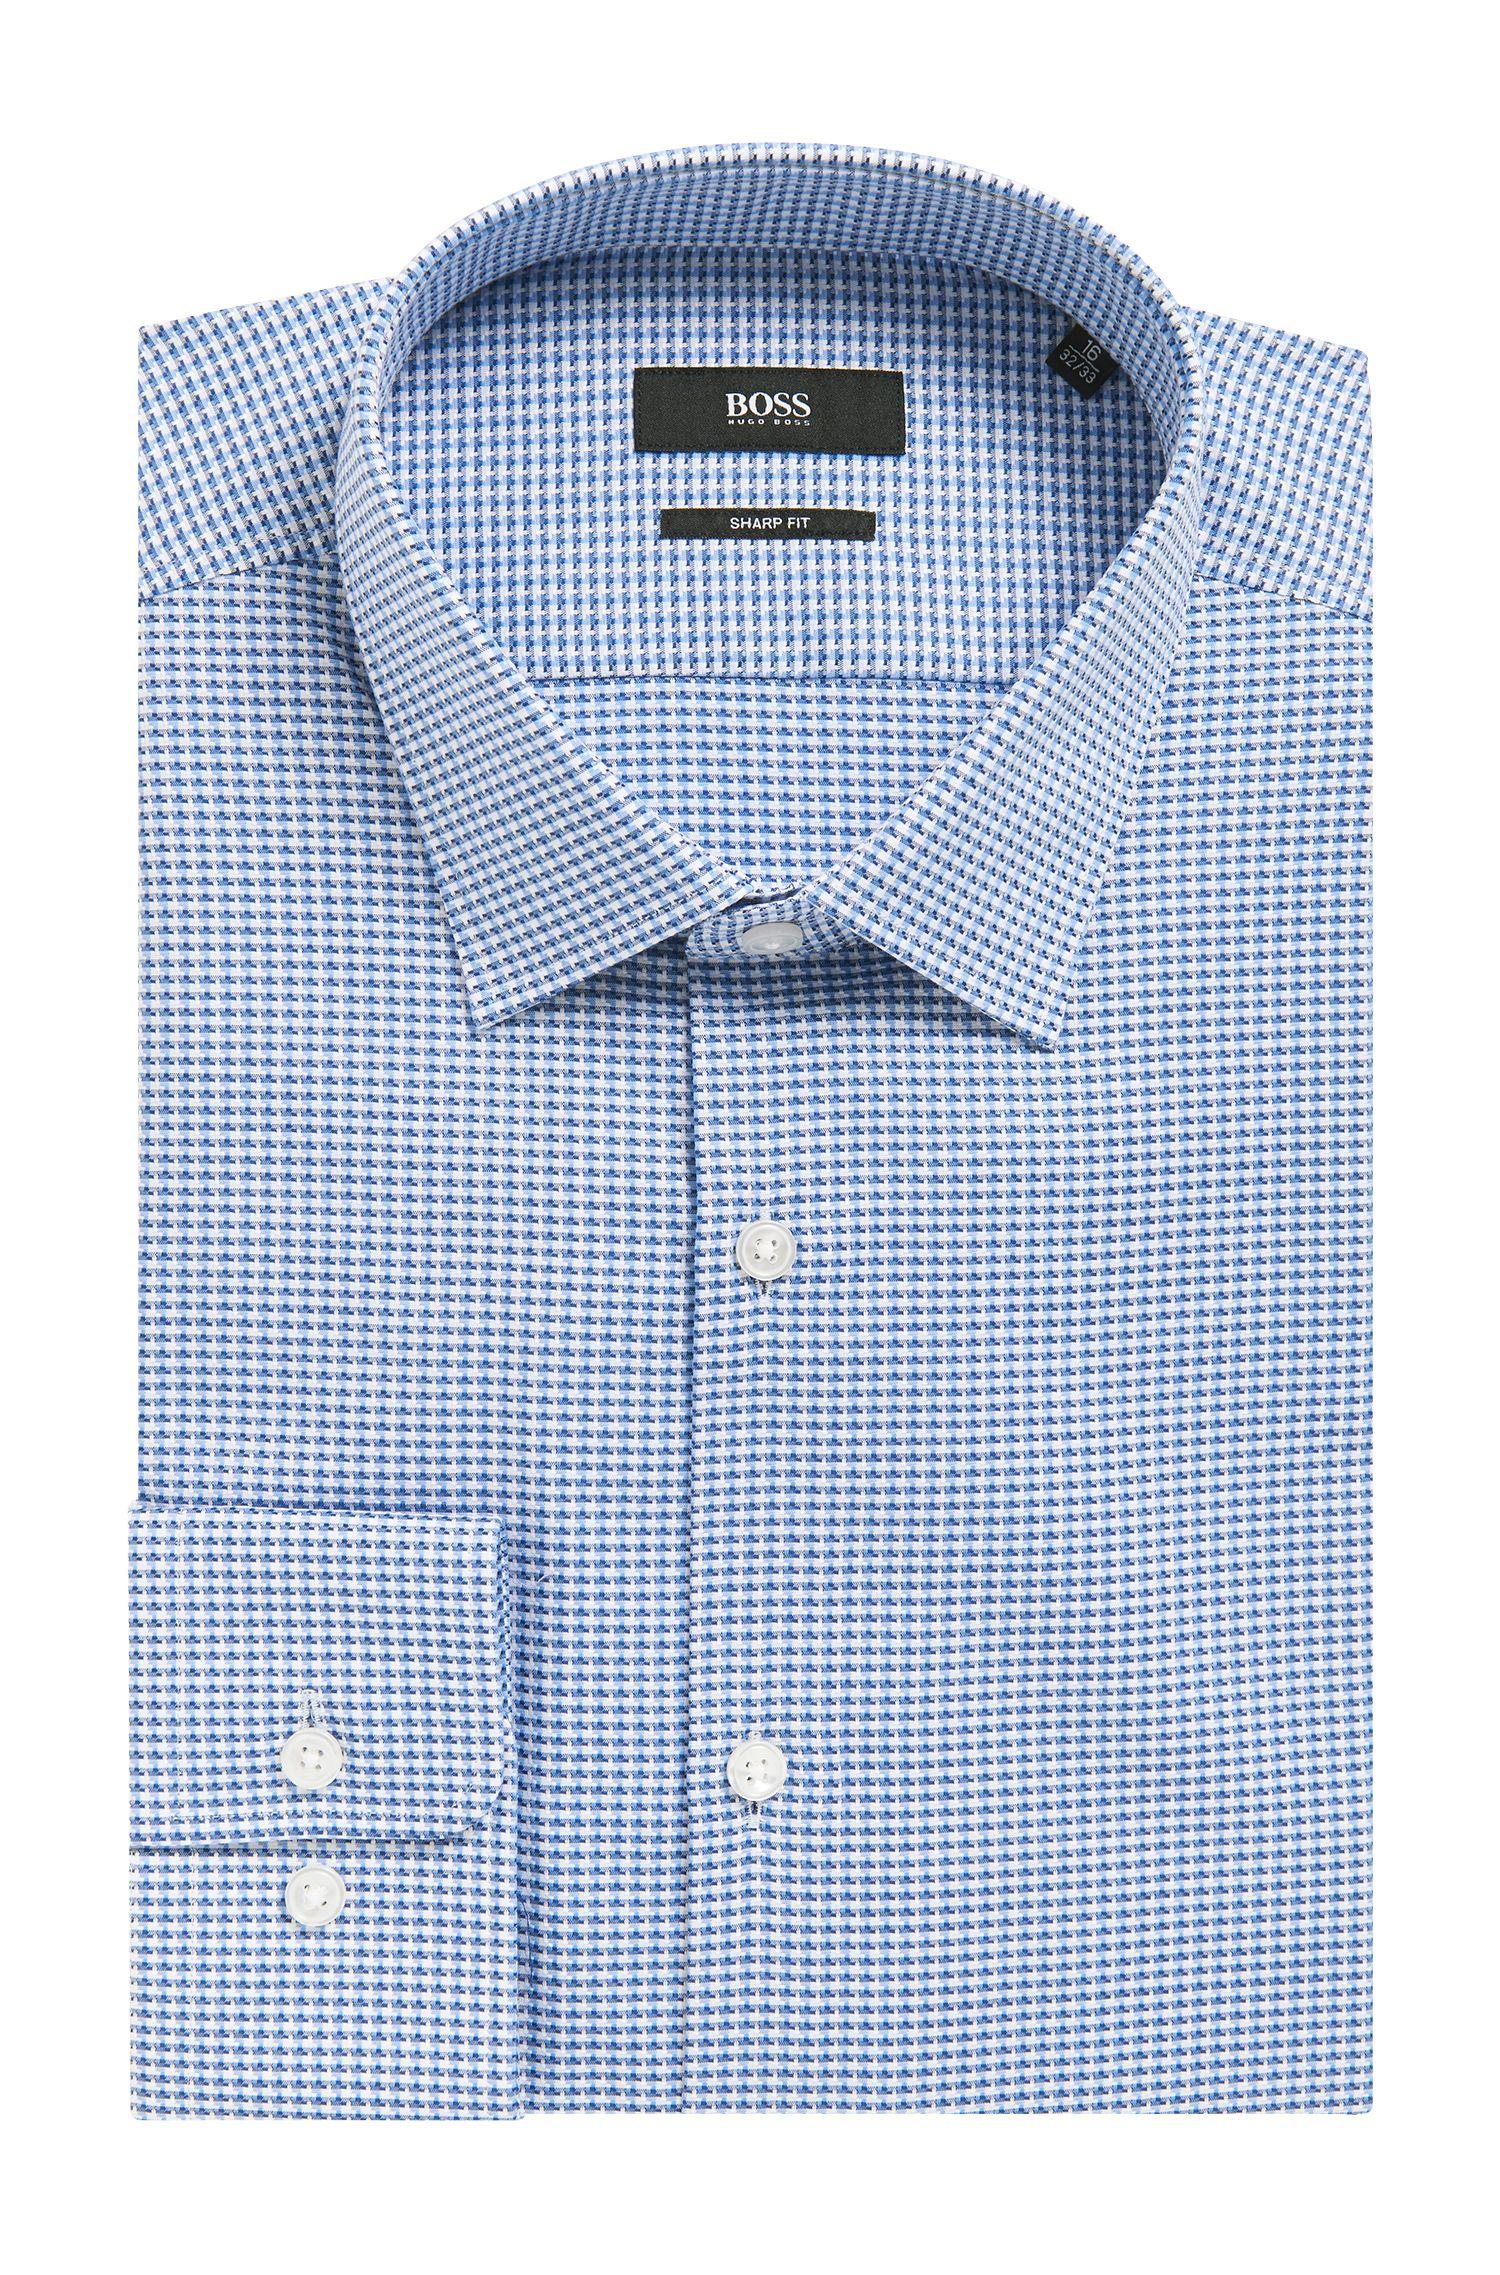 Geometric Cotton Dress Shirt, Sharp Fit l Marley US